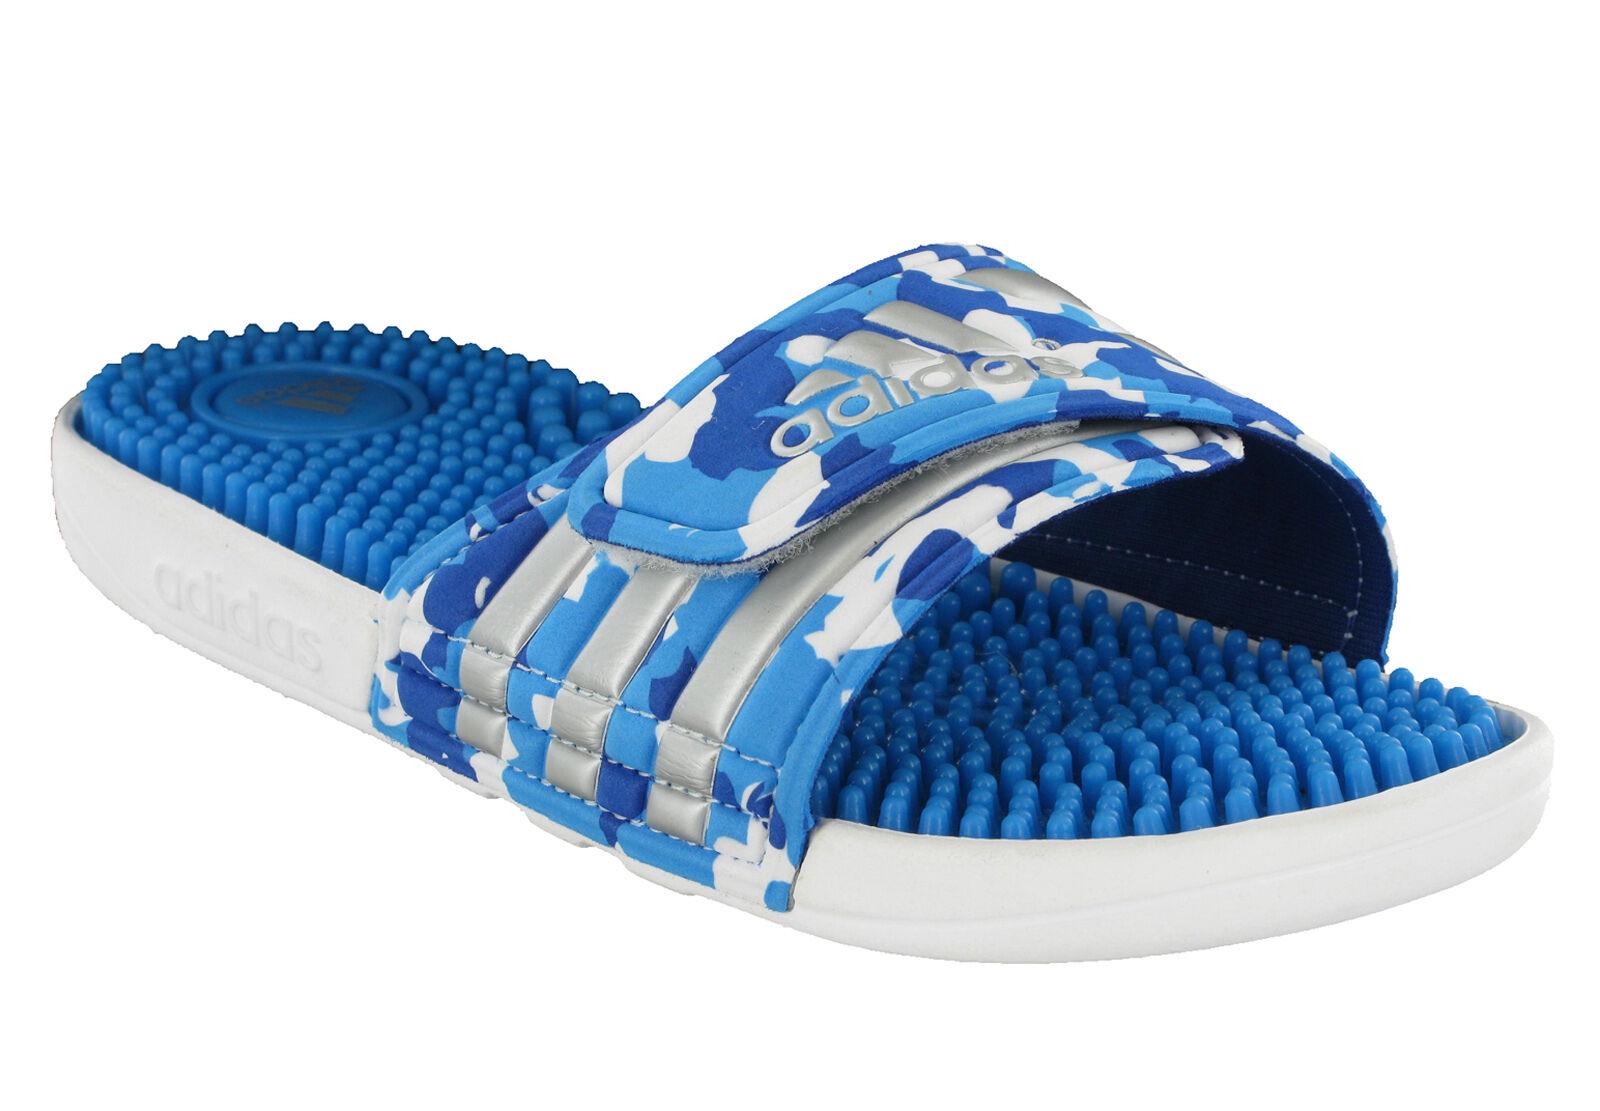 Flip Flops Herren Adidas Adidas Adidas Neo Flip Flops